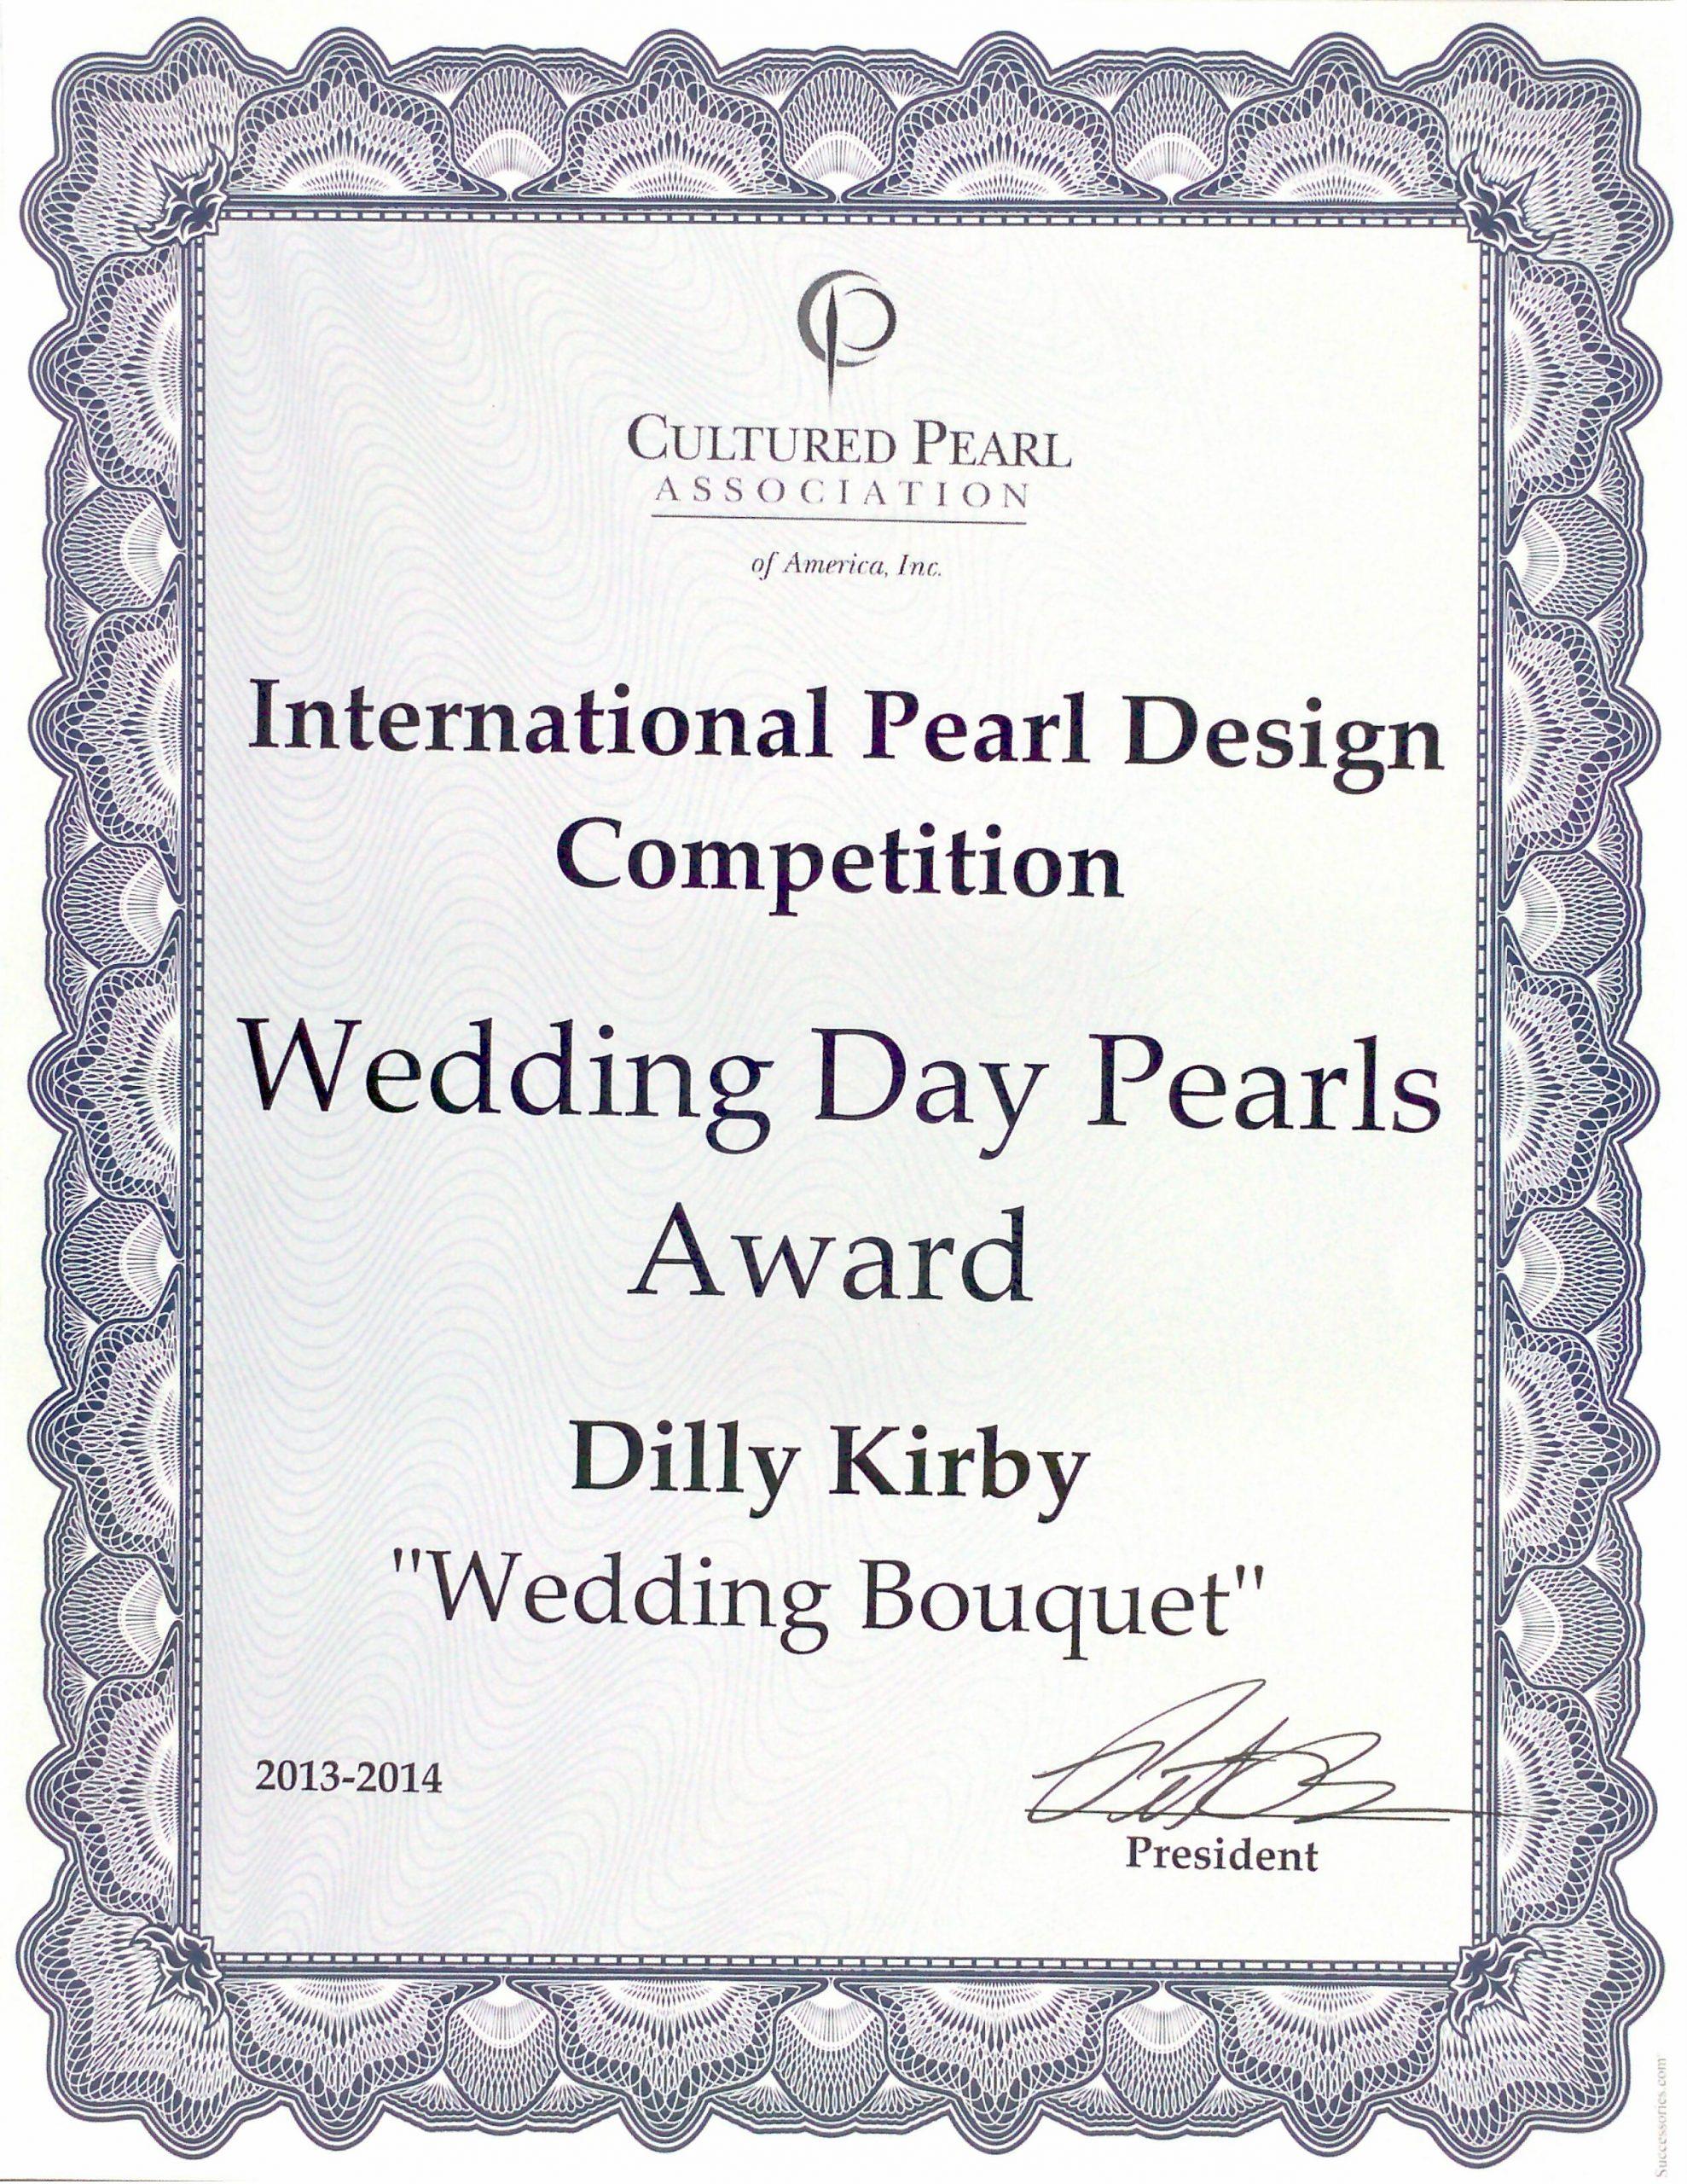 CPAA Award 2013